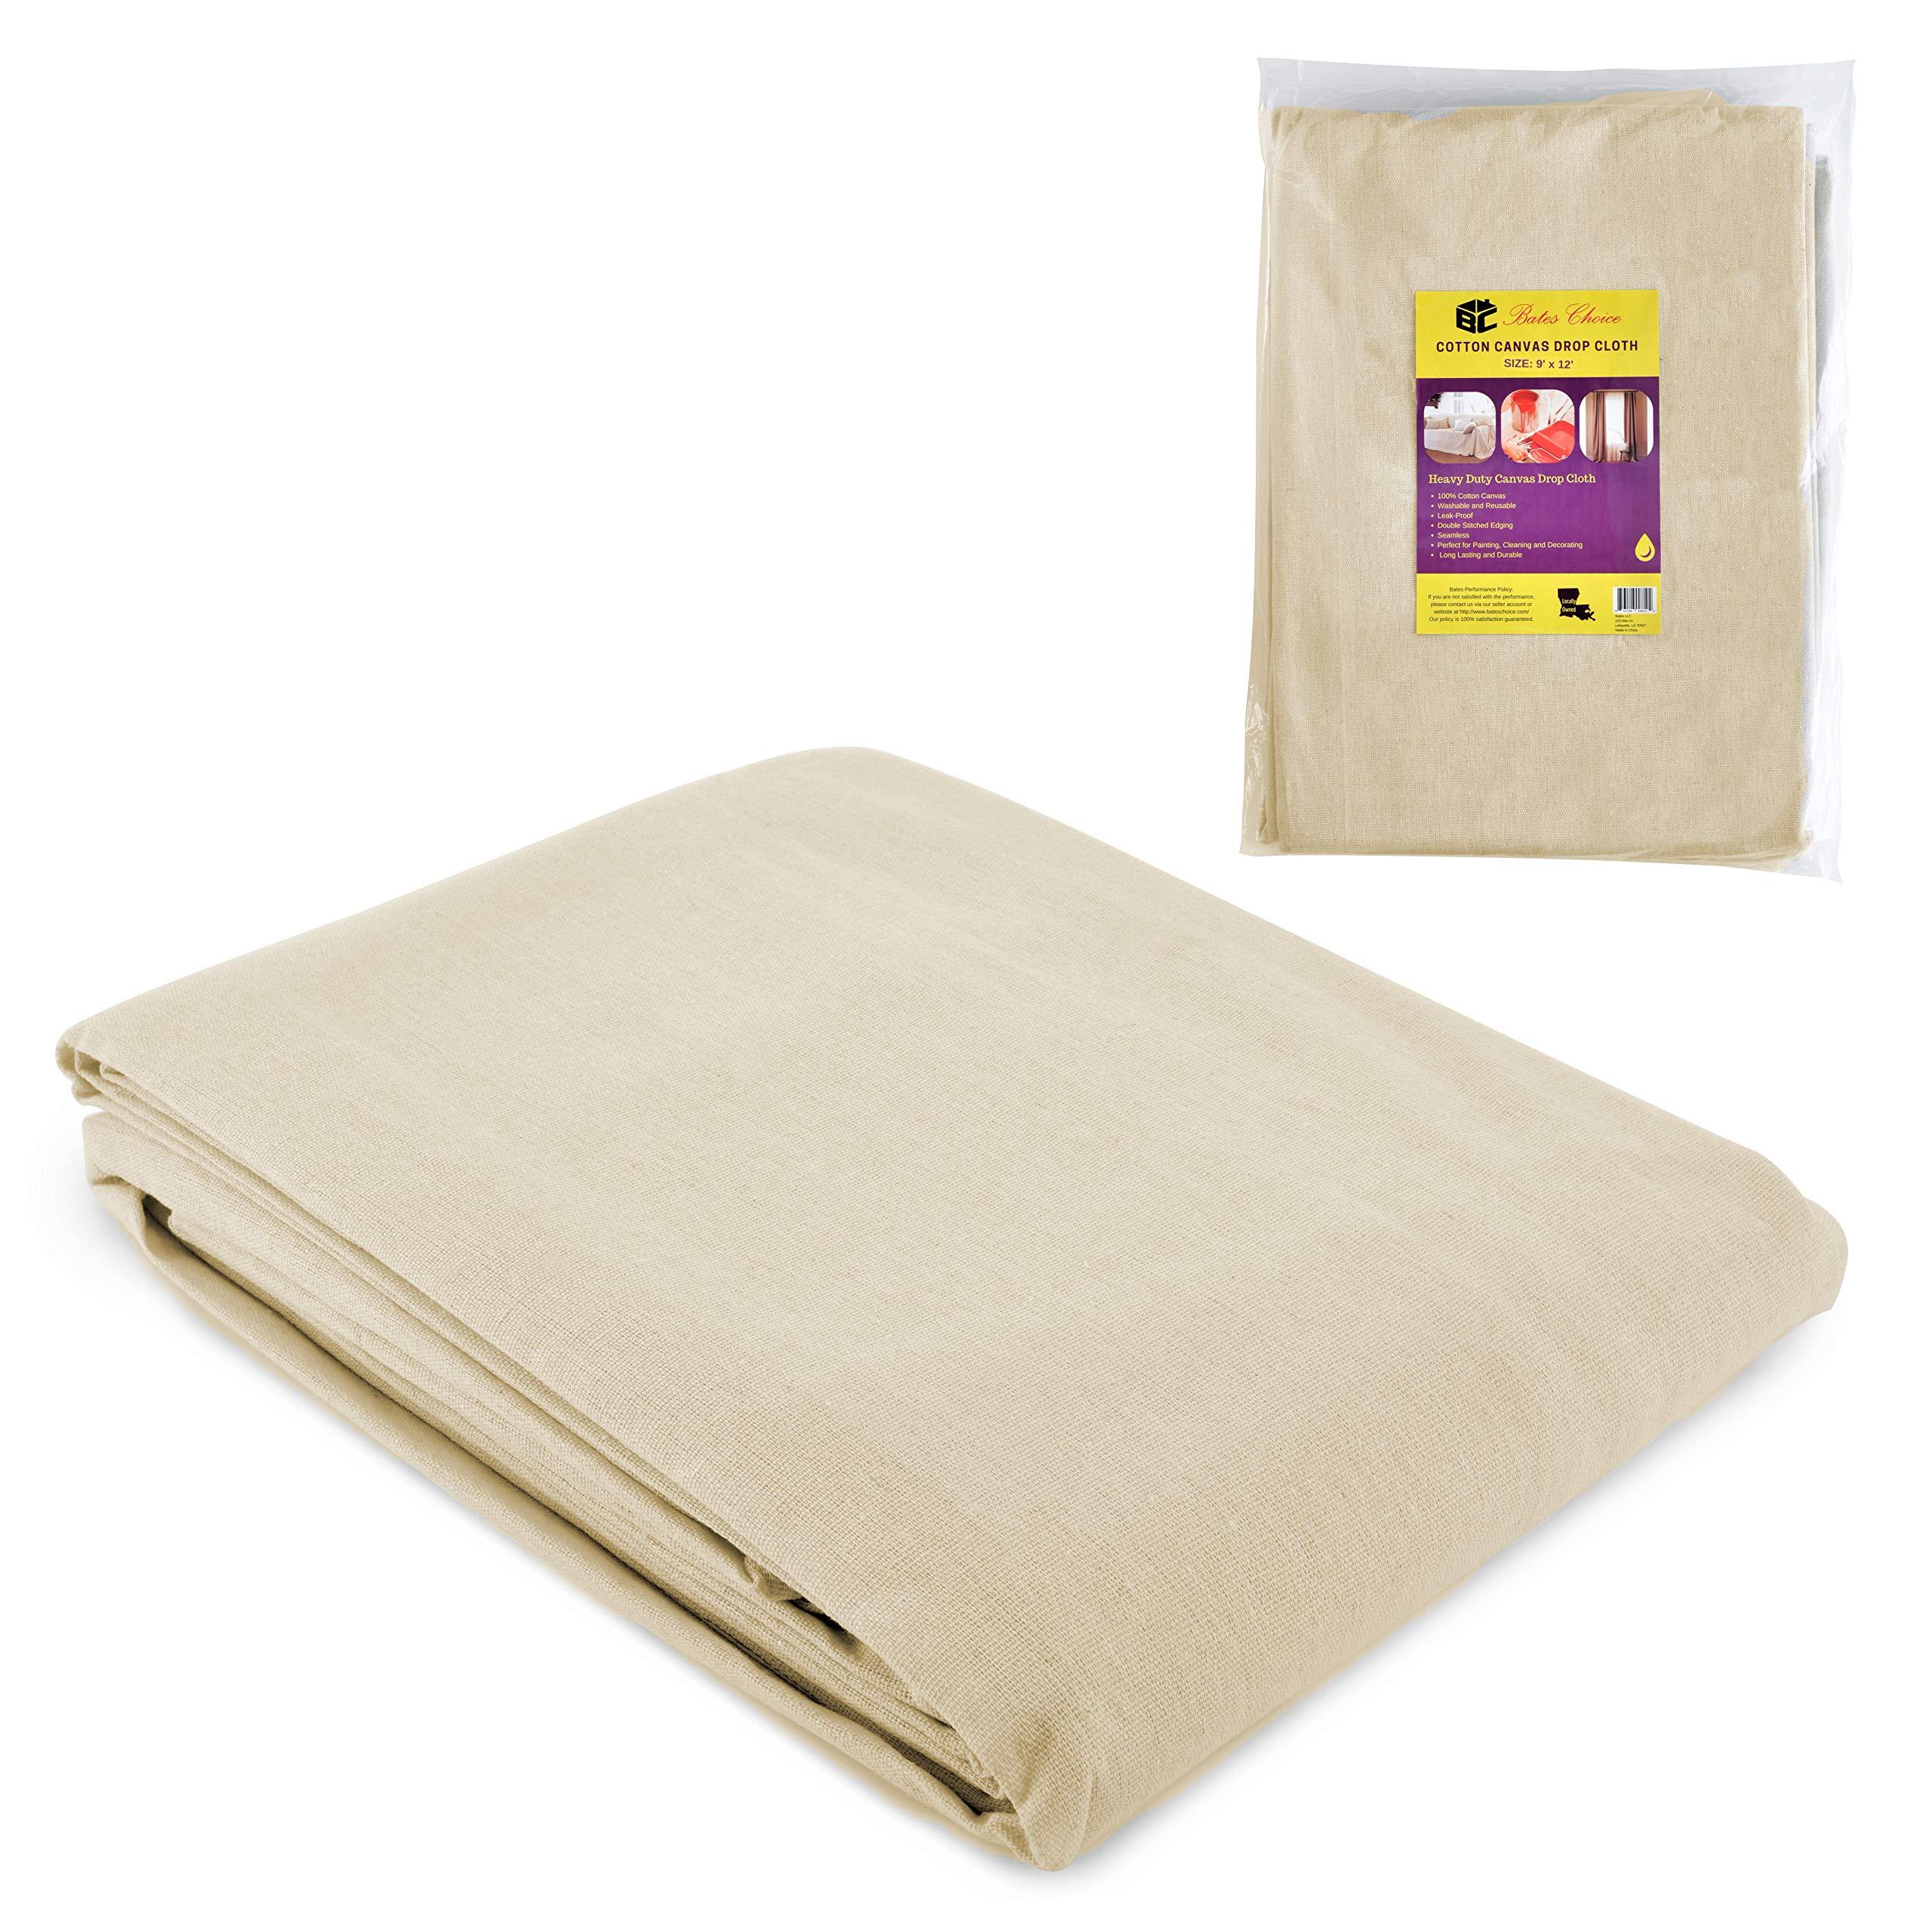 Bates- Drop Cloth, Canvas Drop Cloth 9x12, Canvas Tarp, Canvas Fabric, Drop Cloth Curtains, Drop Cloths for Painting, Painters Drop Cloth, Paint Drop Cloth, Paint Tarp, Painting Supplies, Canvas Sheet